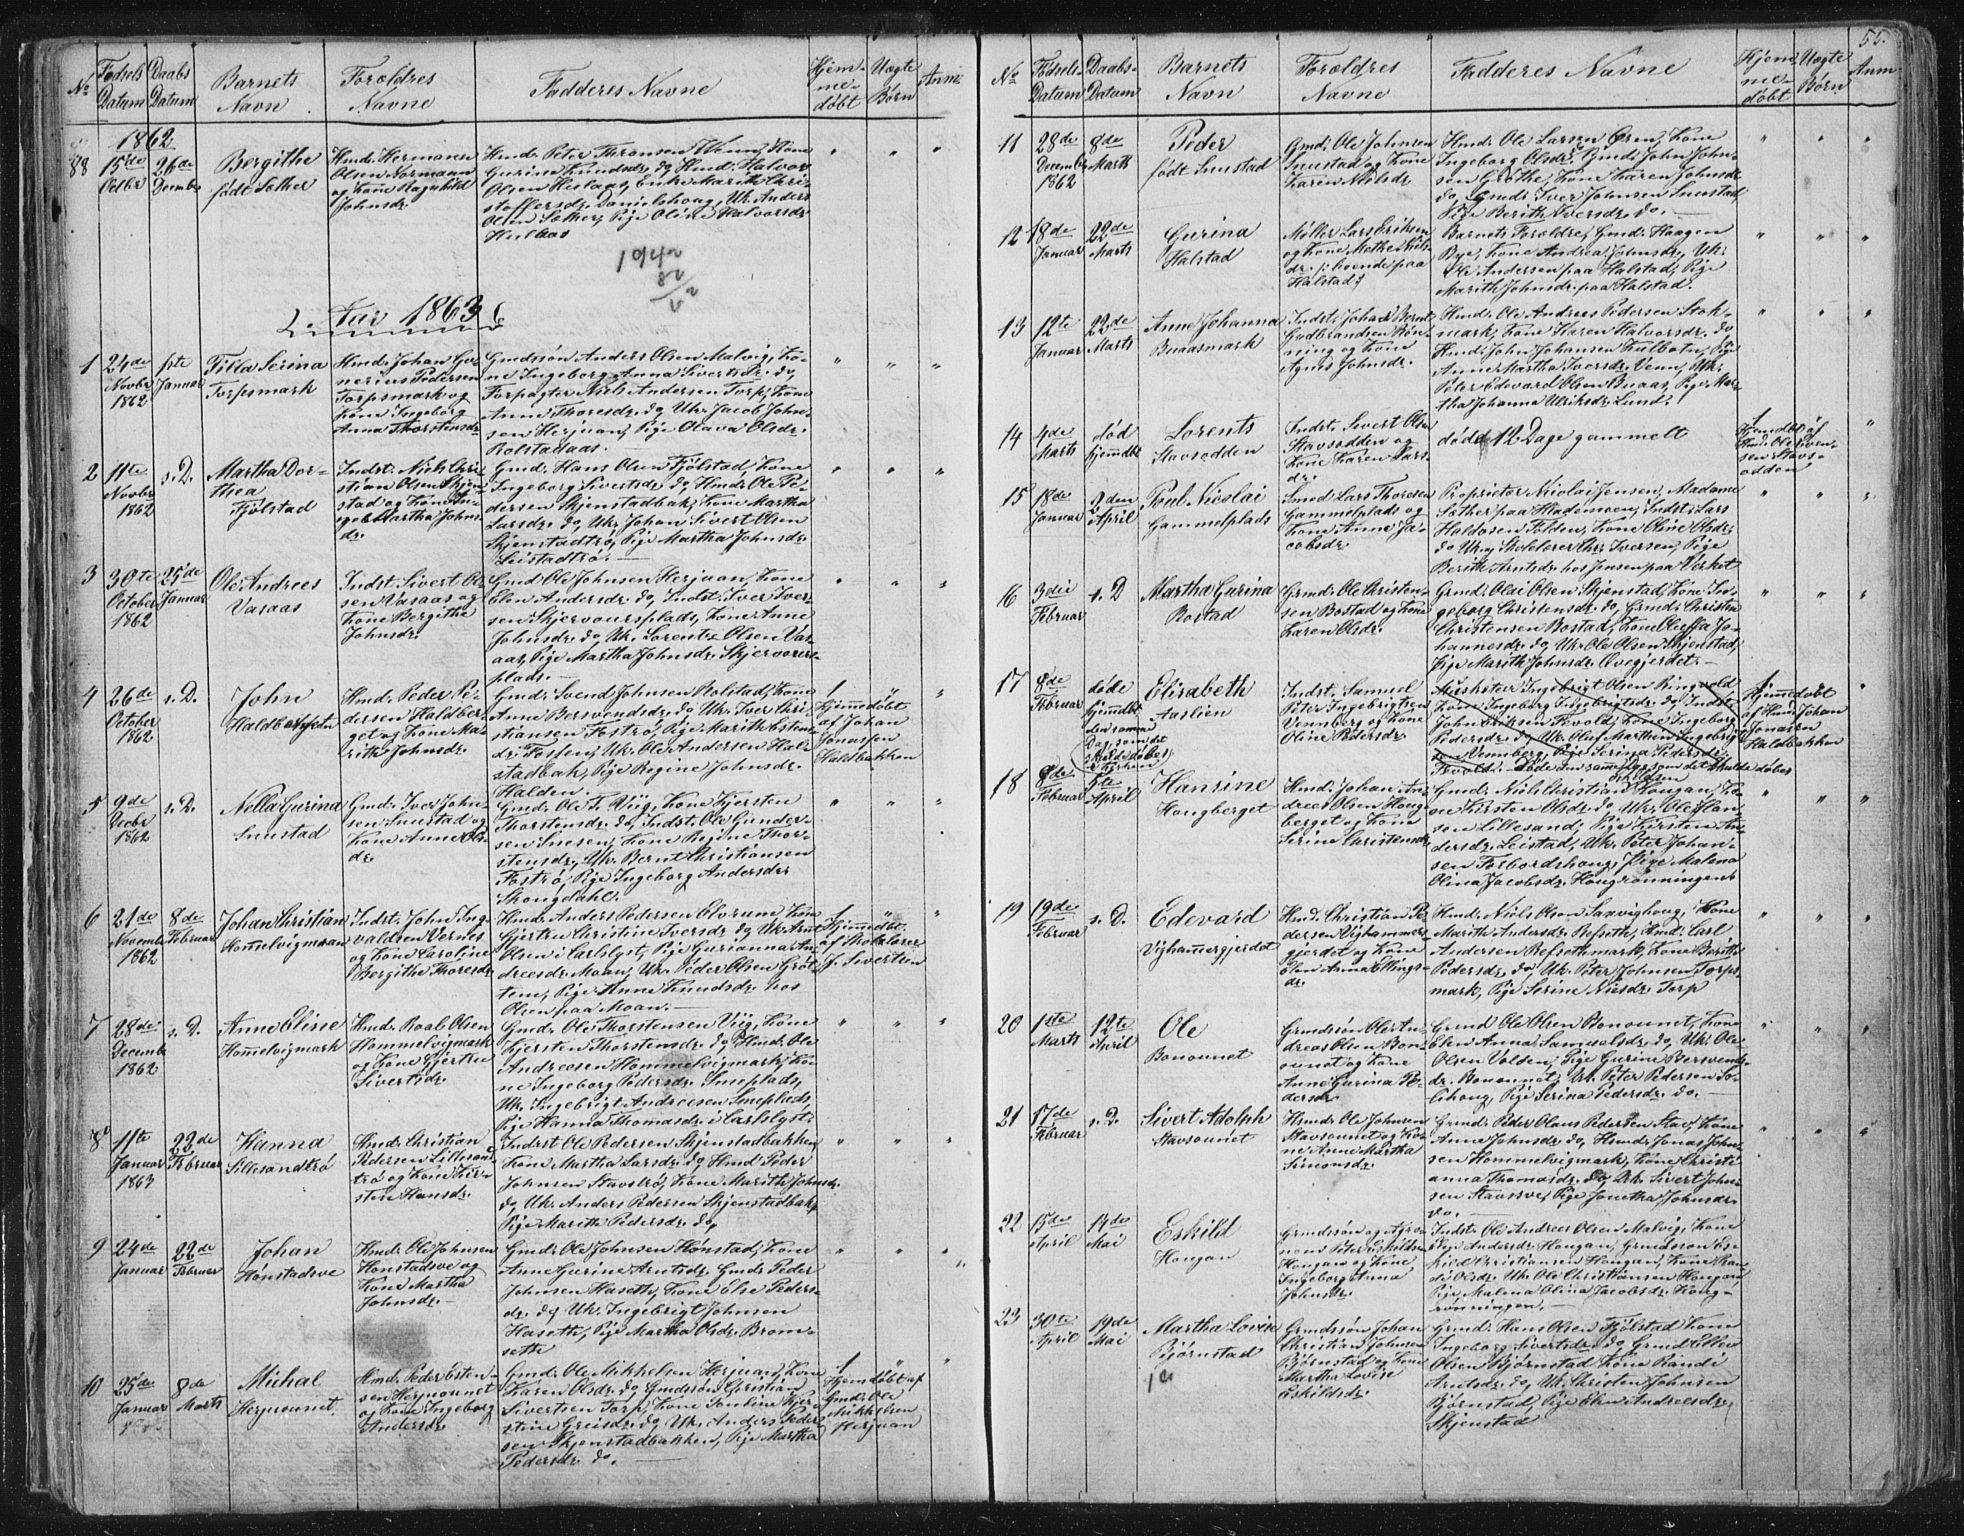 SAT, Ministerialprotokoller, klokkerbøker og fødselsregistre - Sør-Trøndelag, 616/L0406: Ministerialbok nr. 616A03, 1843-1879, s. 55